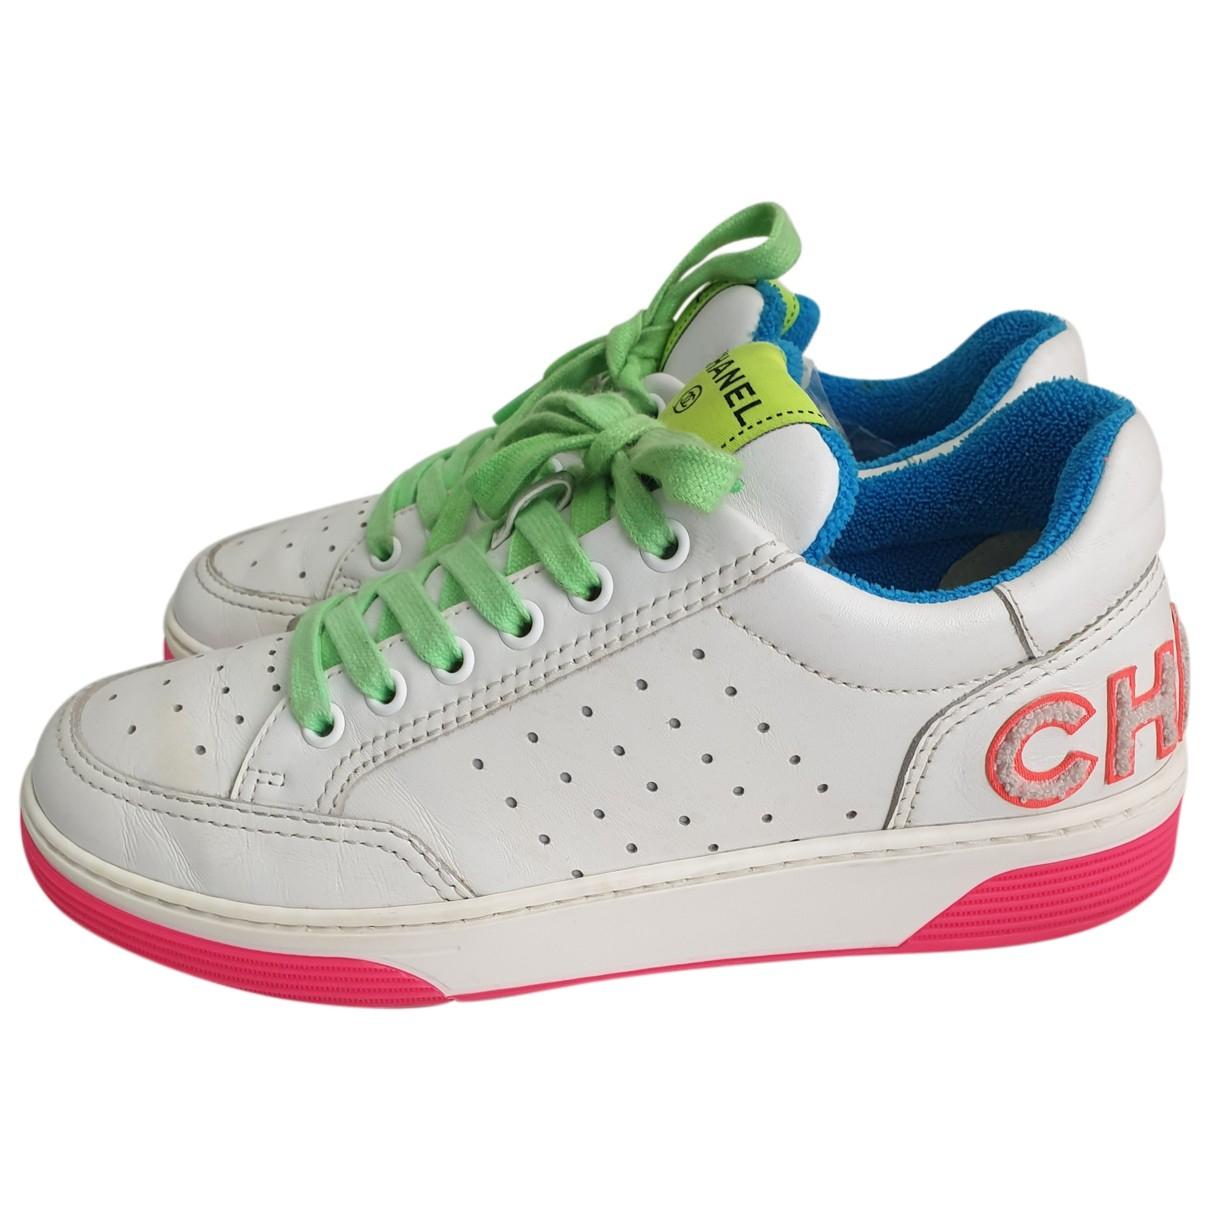 Chanel - Baskets   pour femme en cuir - blanc